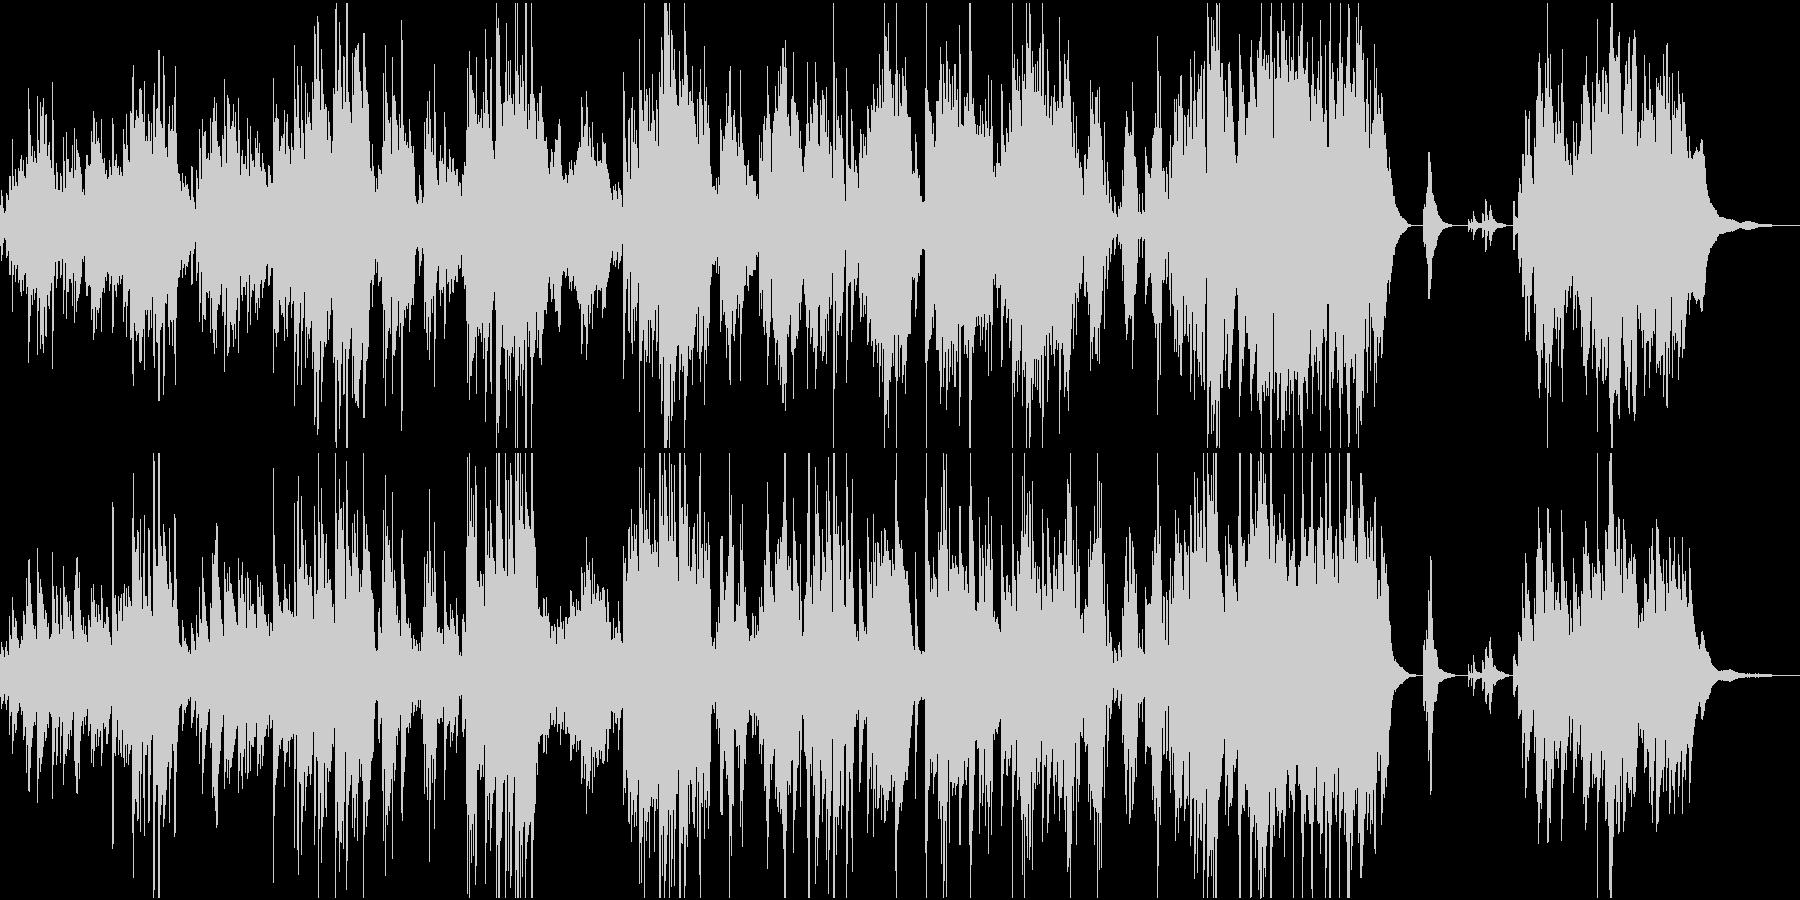 情緒的で冠婚葬祭にふさわしいピアノ曲の未再生の波形